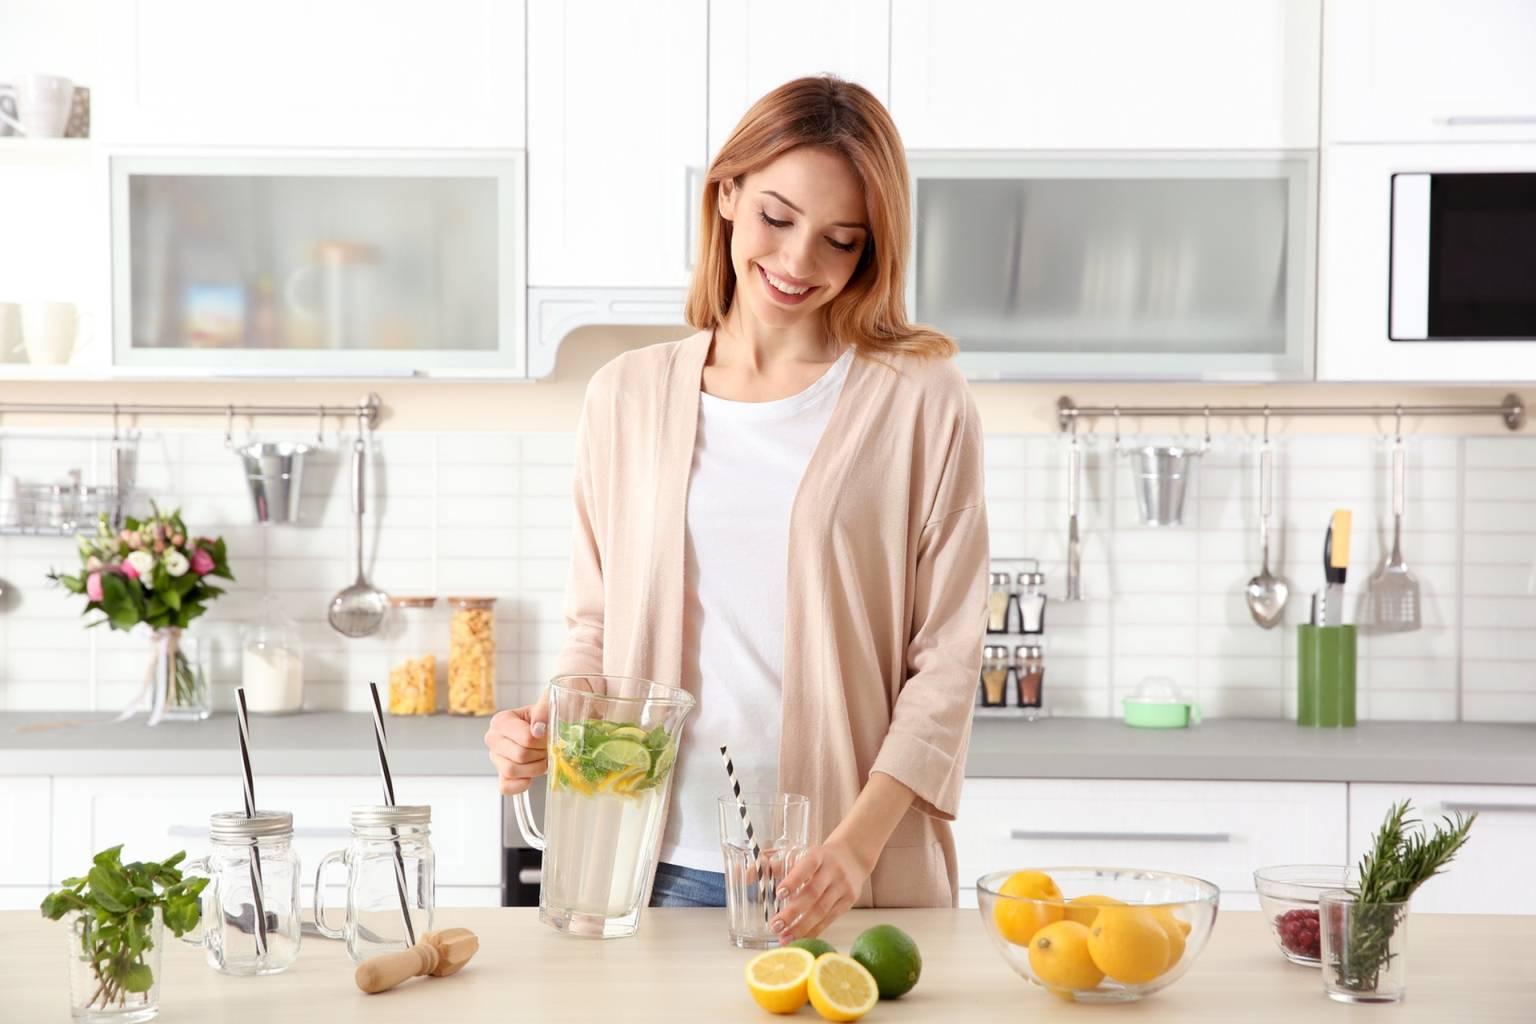 Naturalne sposoby na pleśniawki u dorosłych - przyczyny i leczenie. Kobieta przygotowuje naturalne preparaty na pleśniawki.